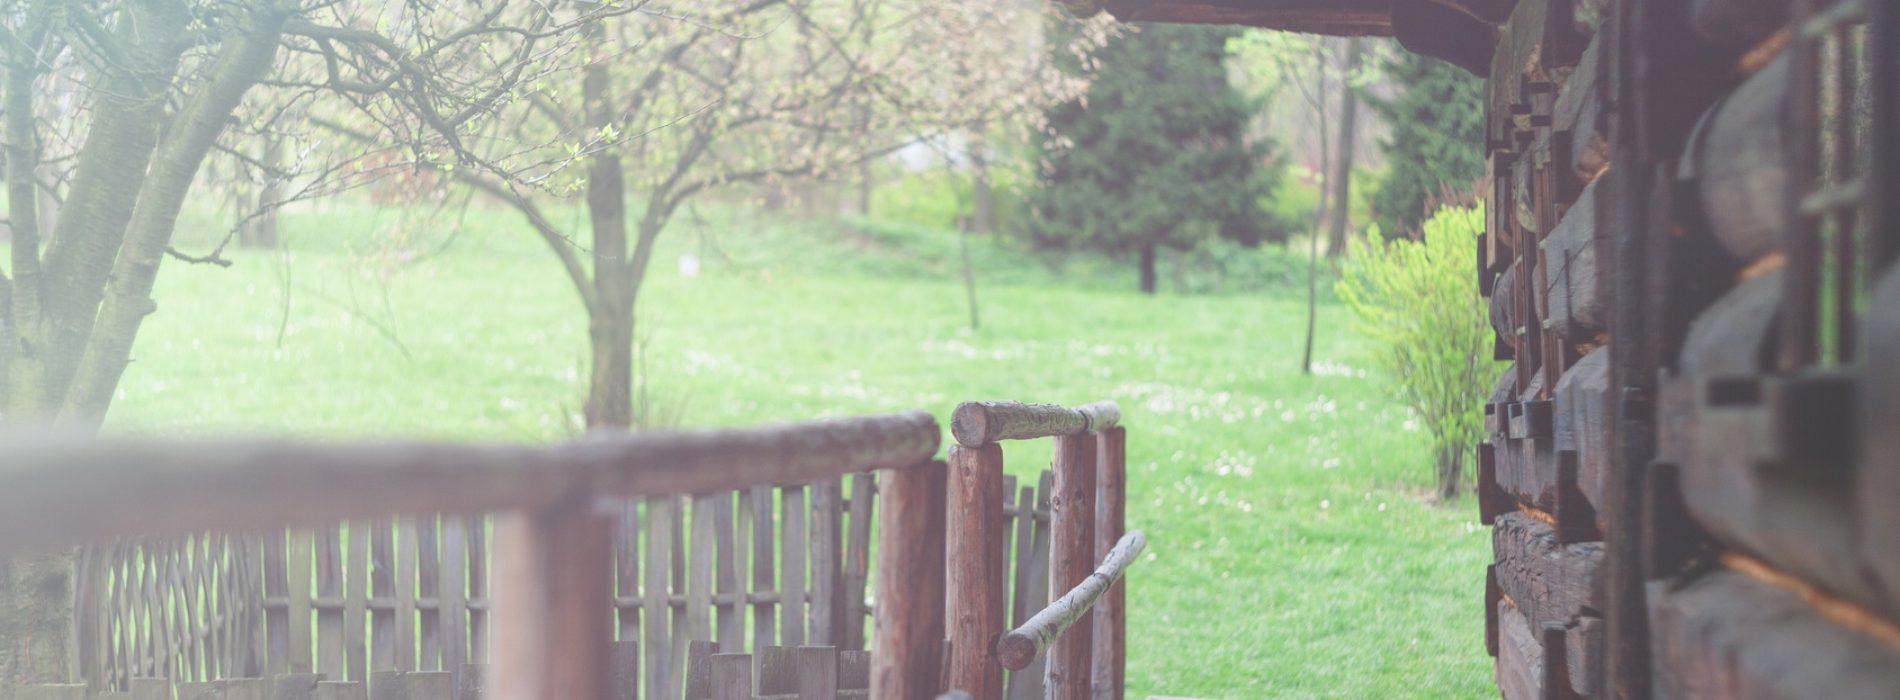 Jak zaprojektować ogród? 5 najciekawszych rozwiązań!